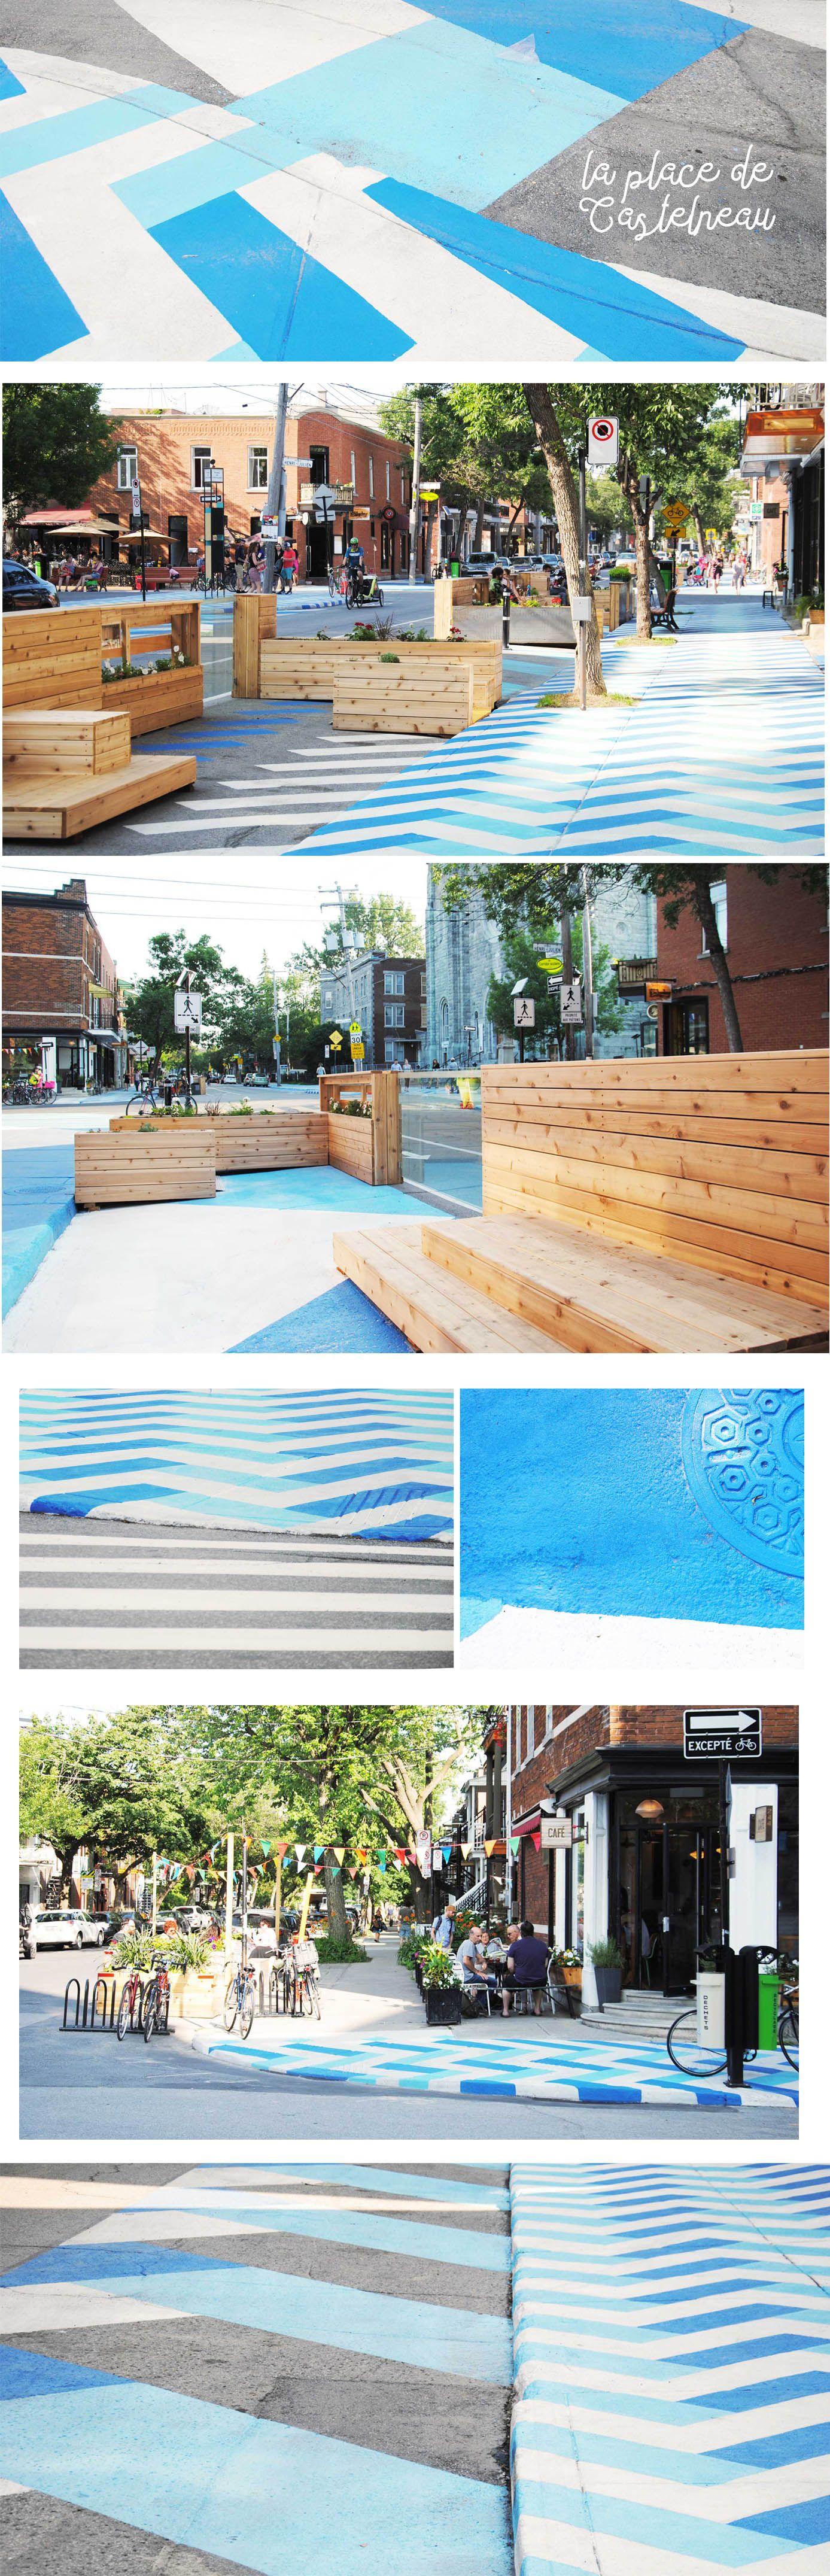 Place de castelnau villeray montr al espace public for Mobilier urbain espace public